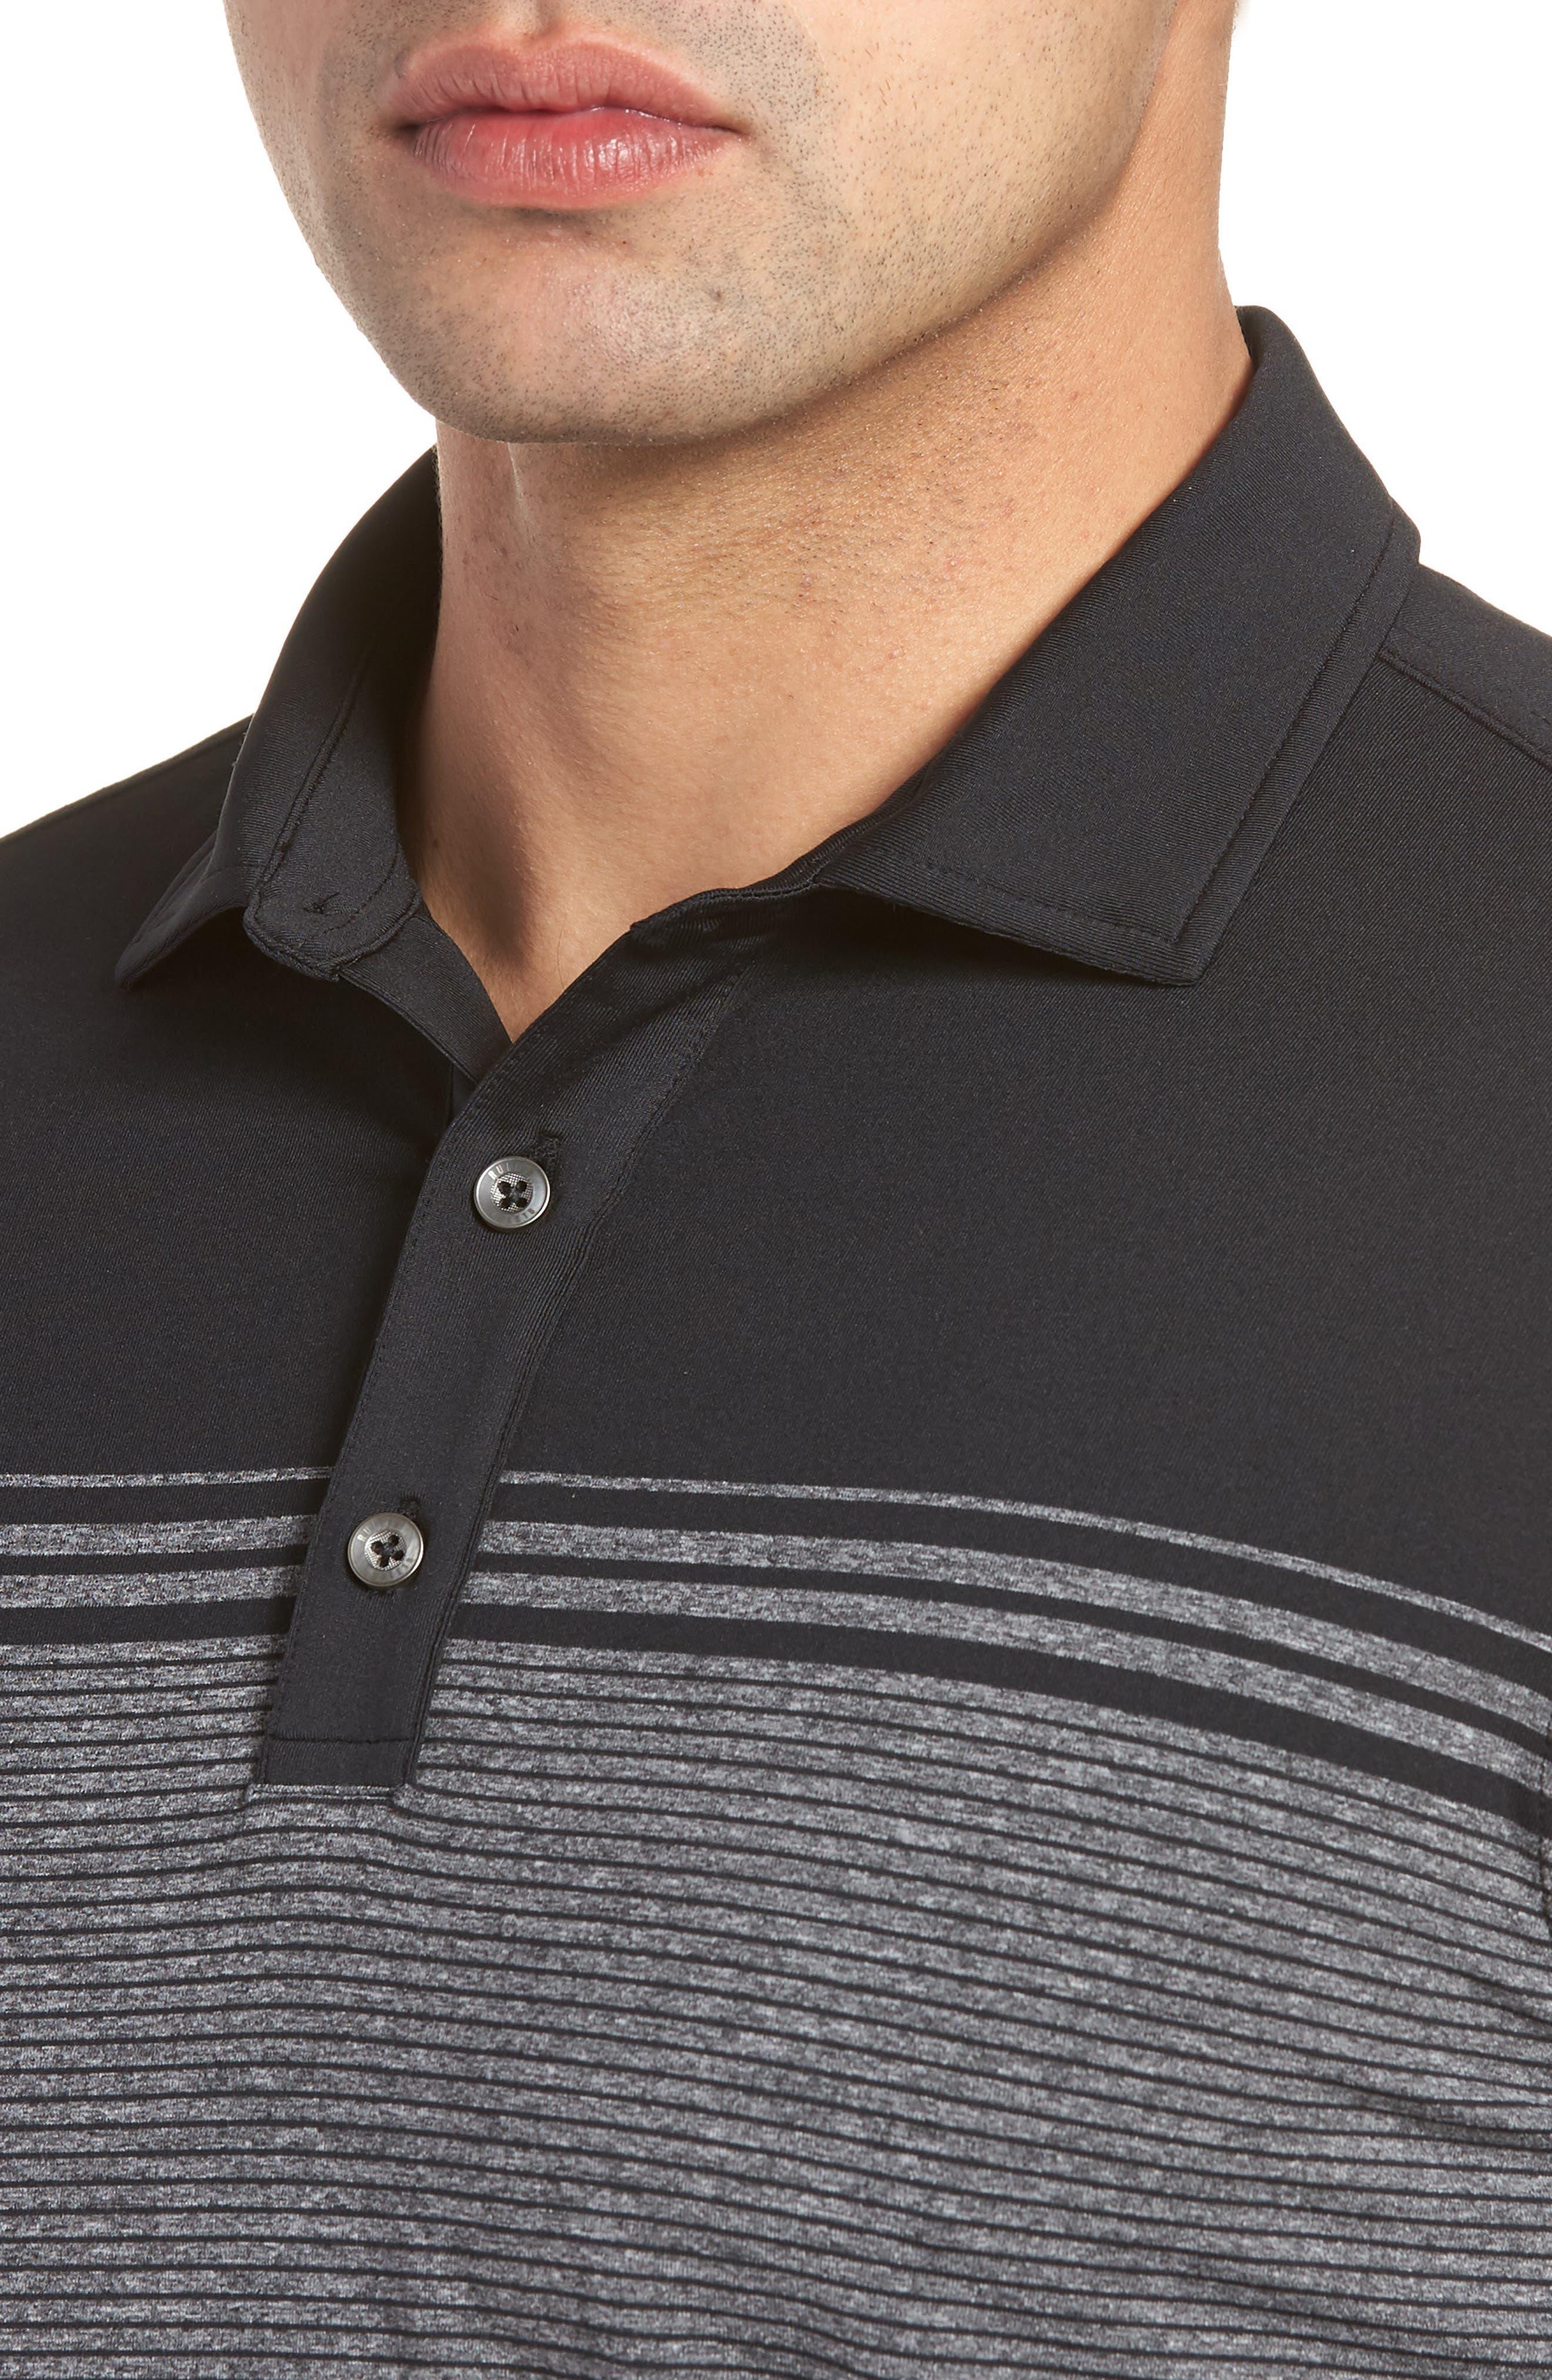 R18 Tech Torque Stripe Golf Polo,                             Alternate thumbnail 4, color,                             001